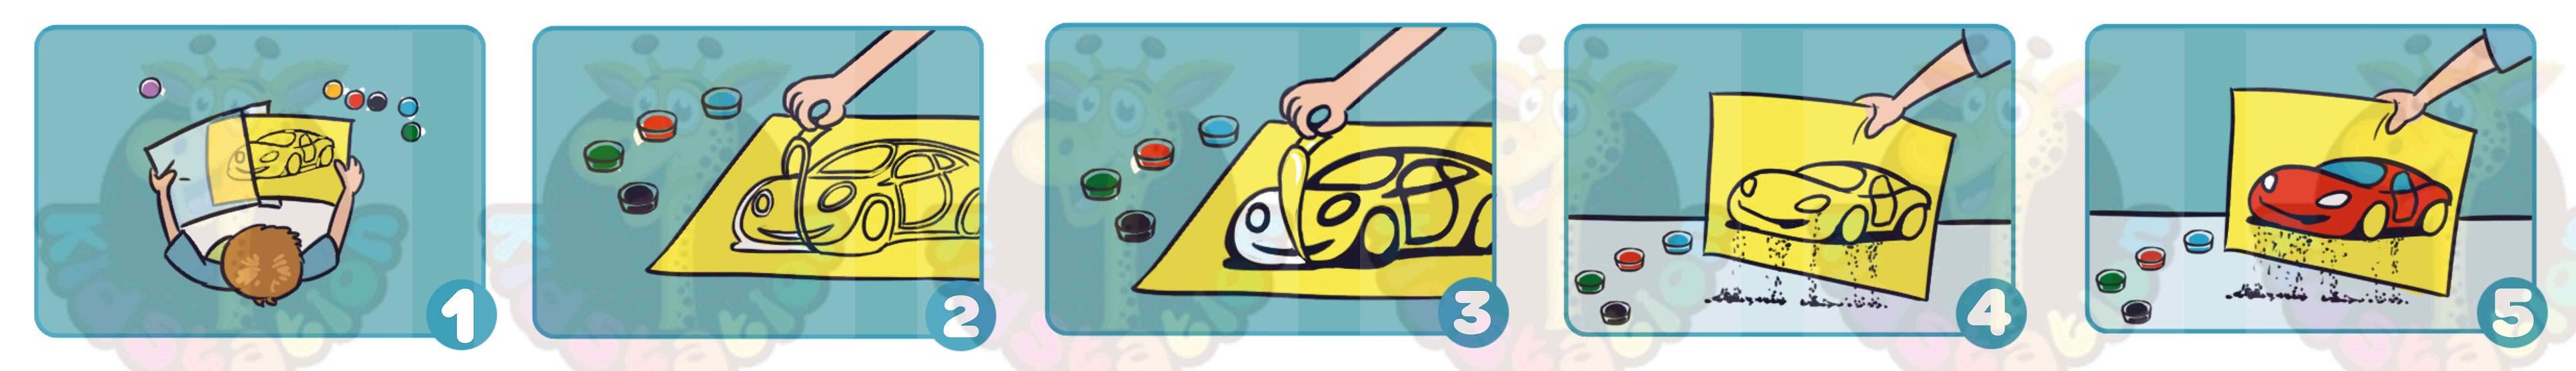 Песочный мир - все для рисования песком! Трафареты от 20 руб, наборы от 80 рублей.